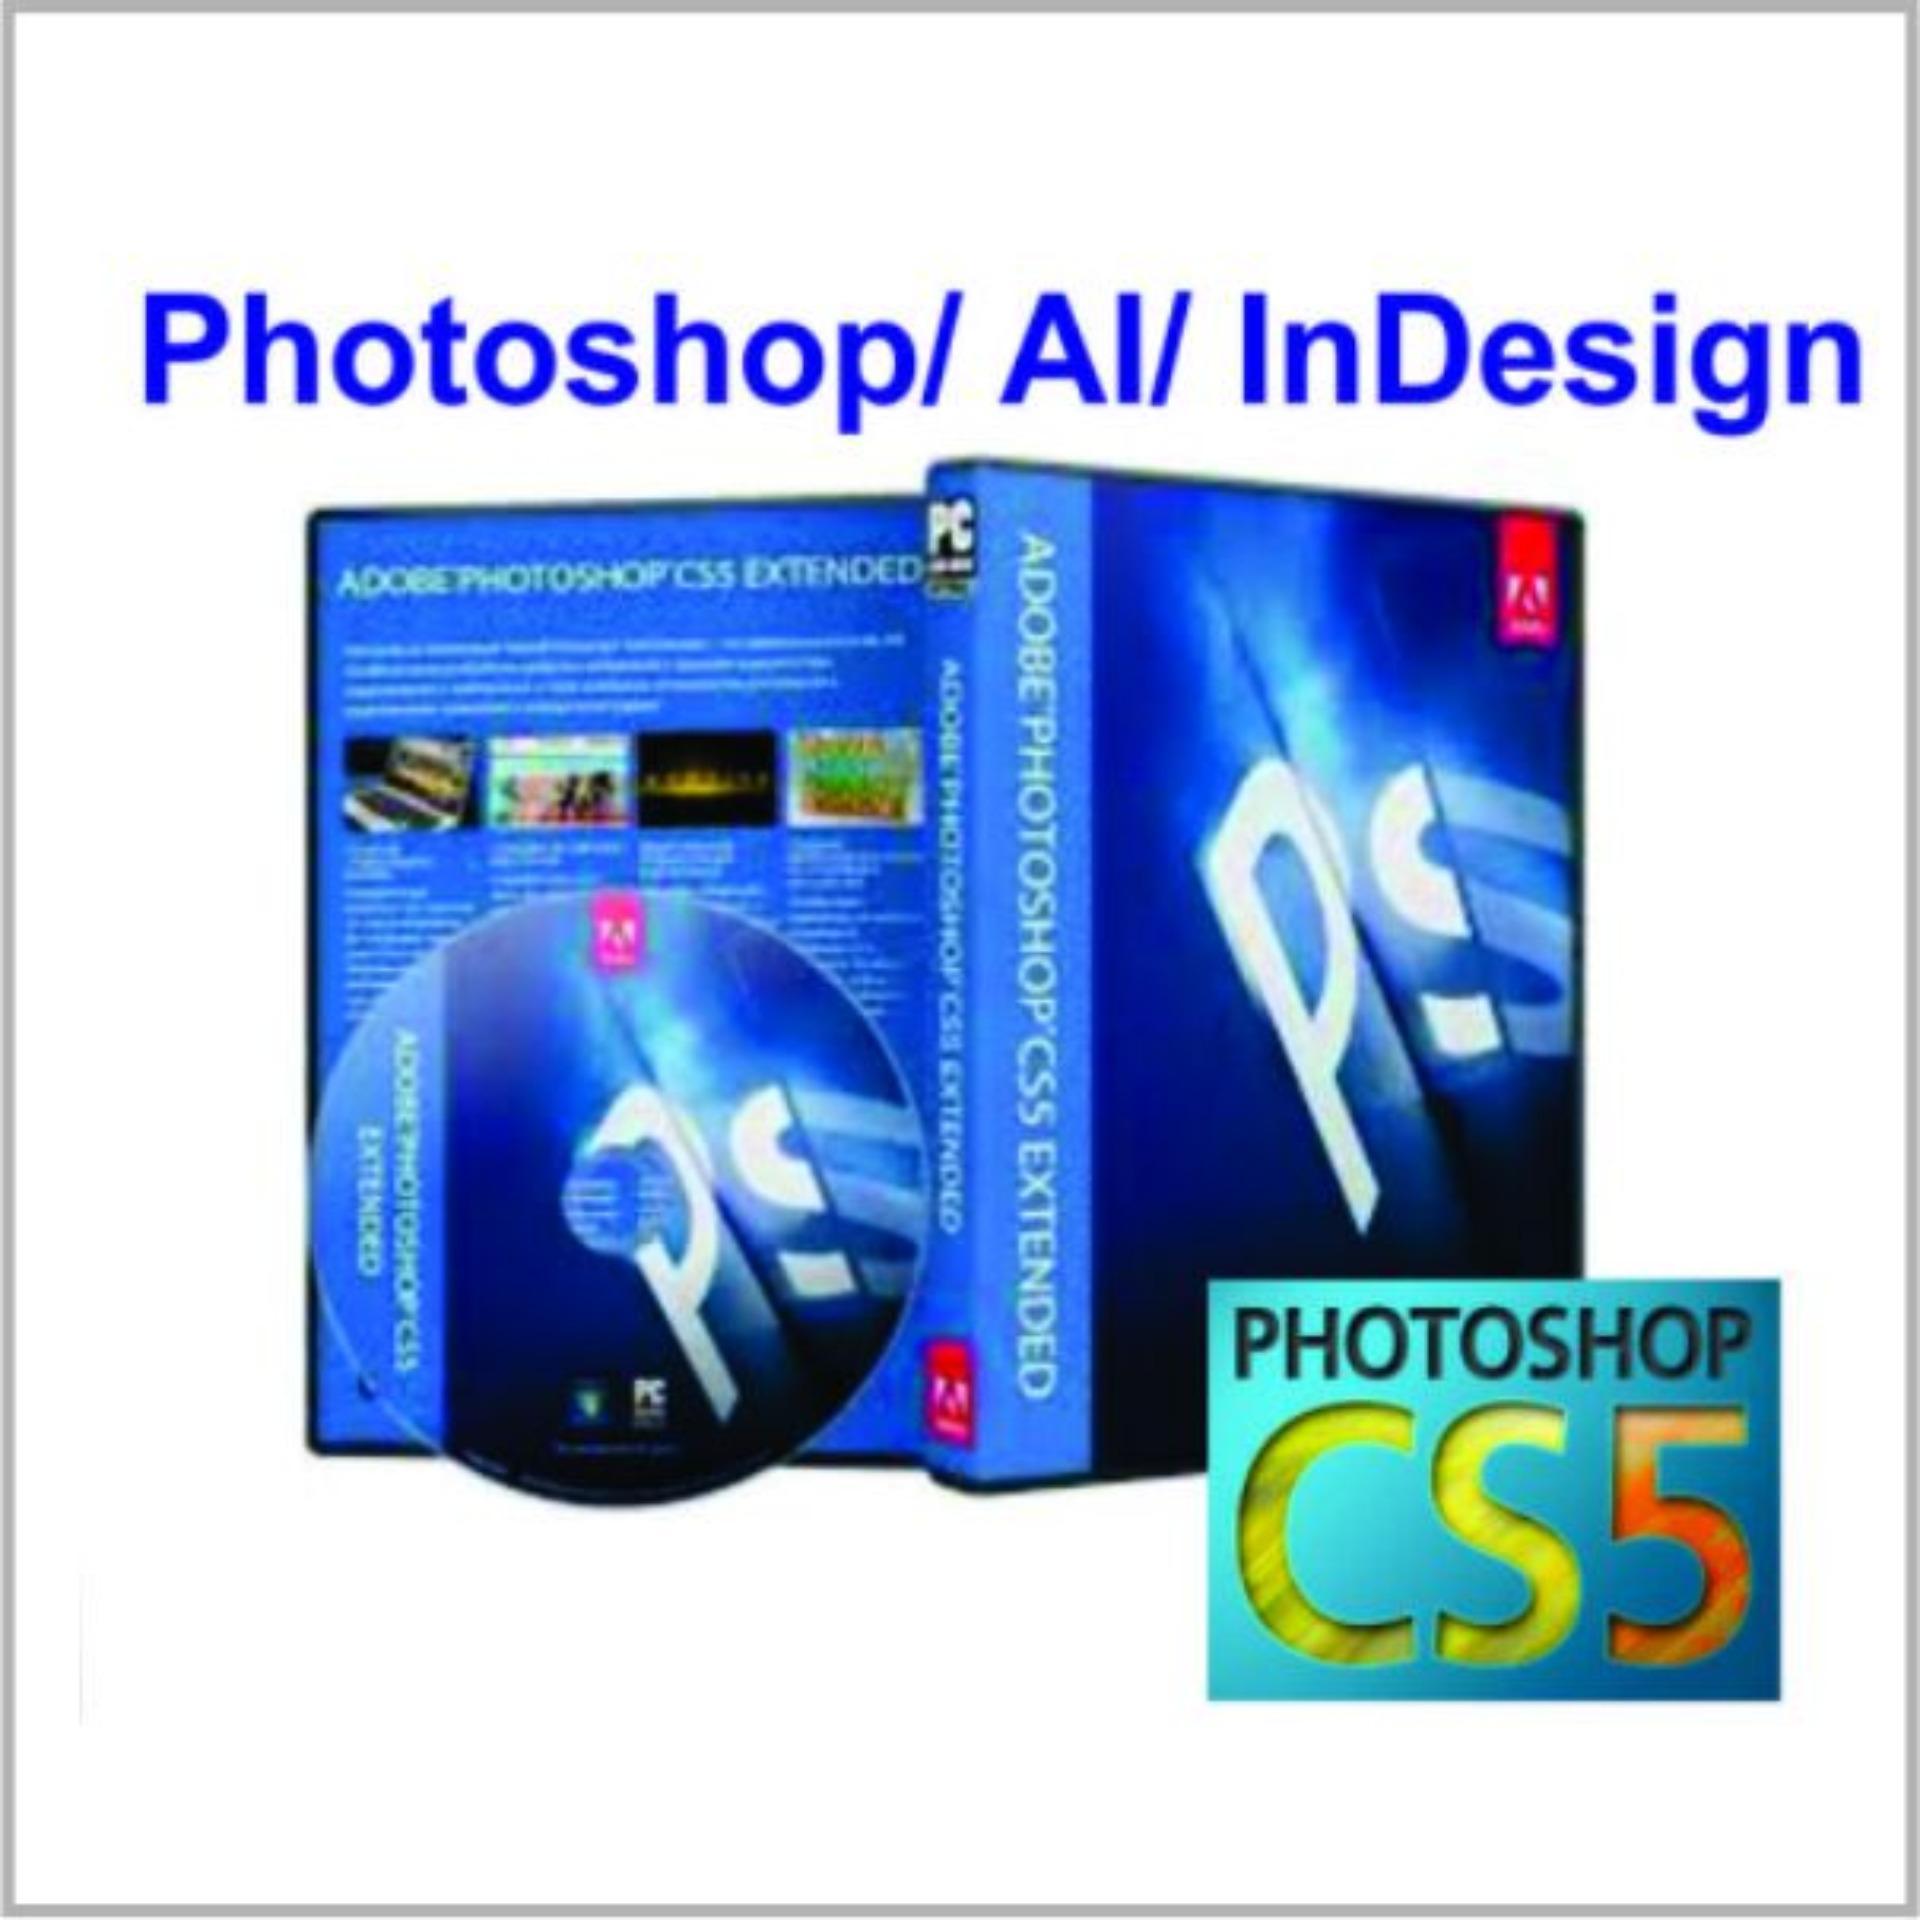 Hình ảnh Bộ DVD Photshop_AI_ Indesign CS5 Chuẩn_ Giáo Trình